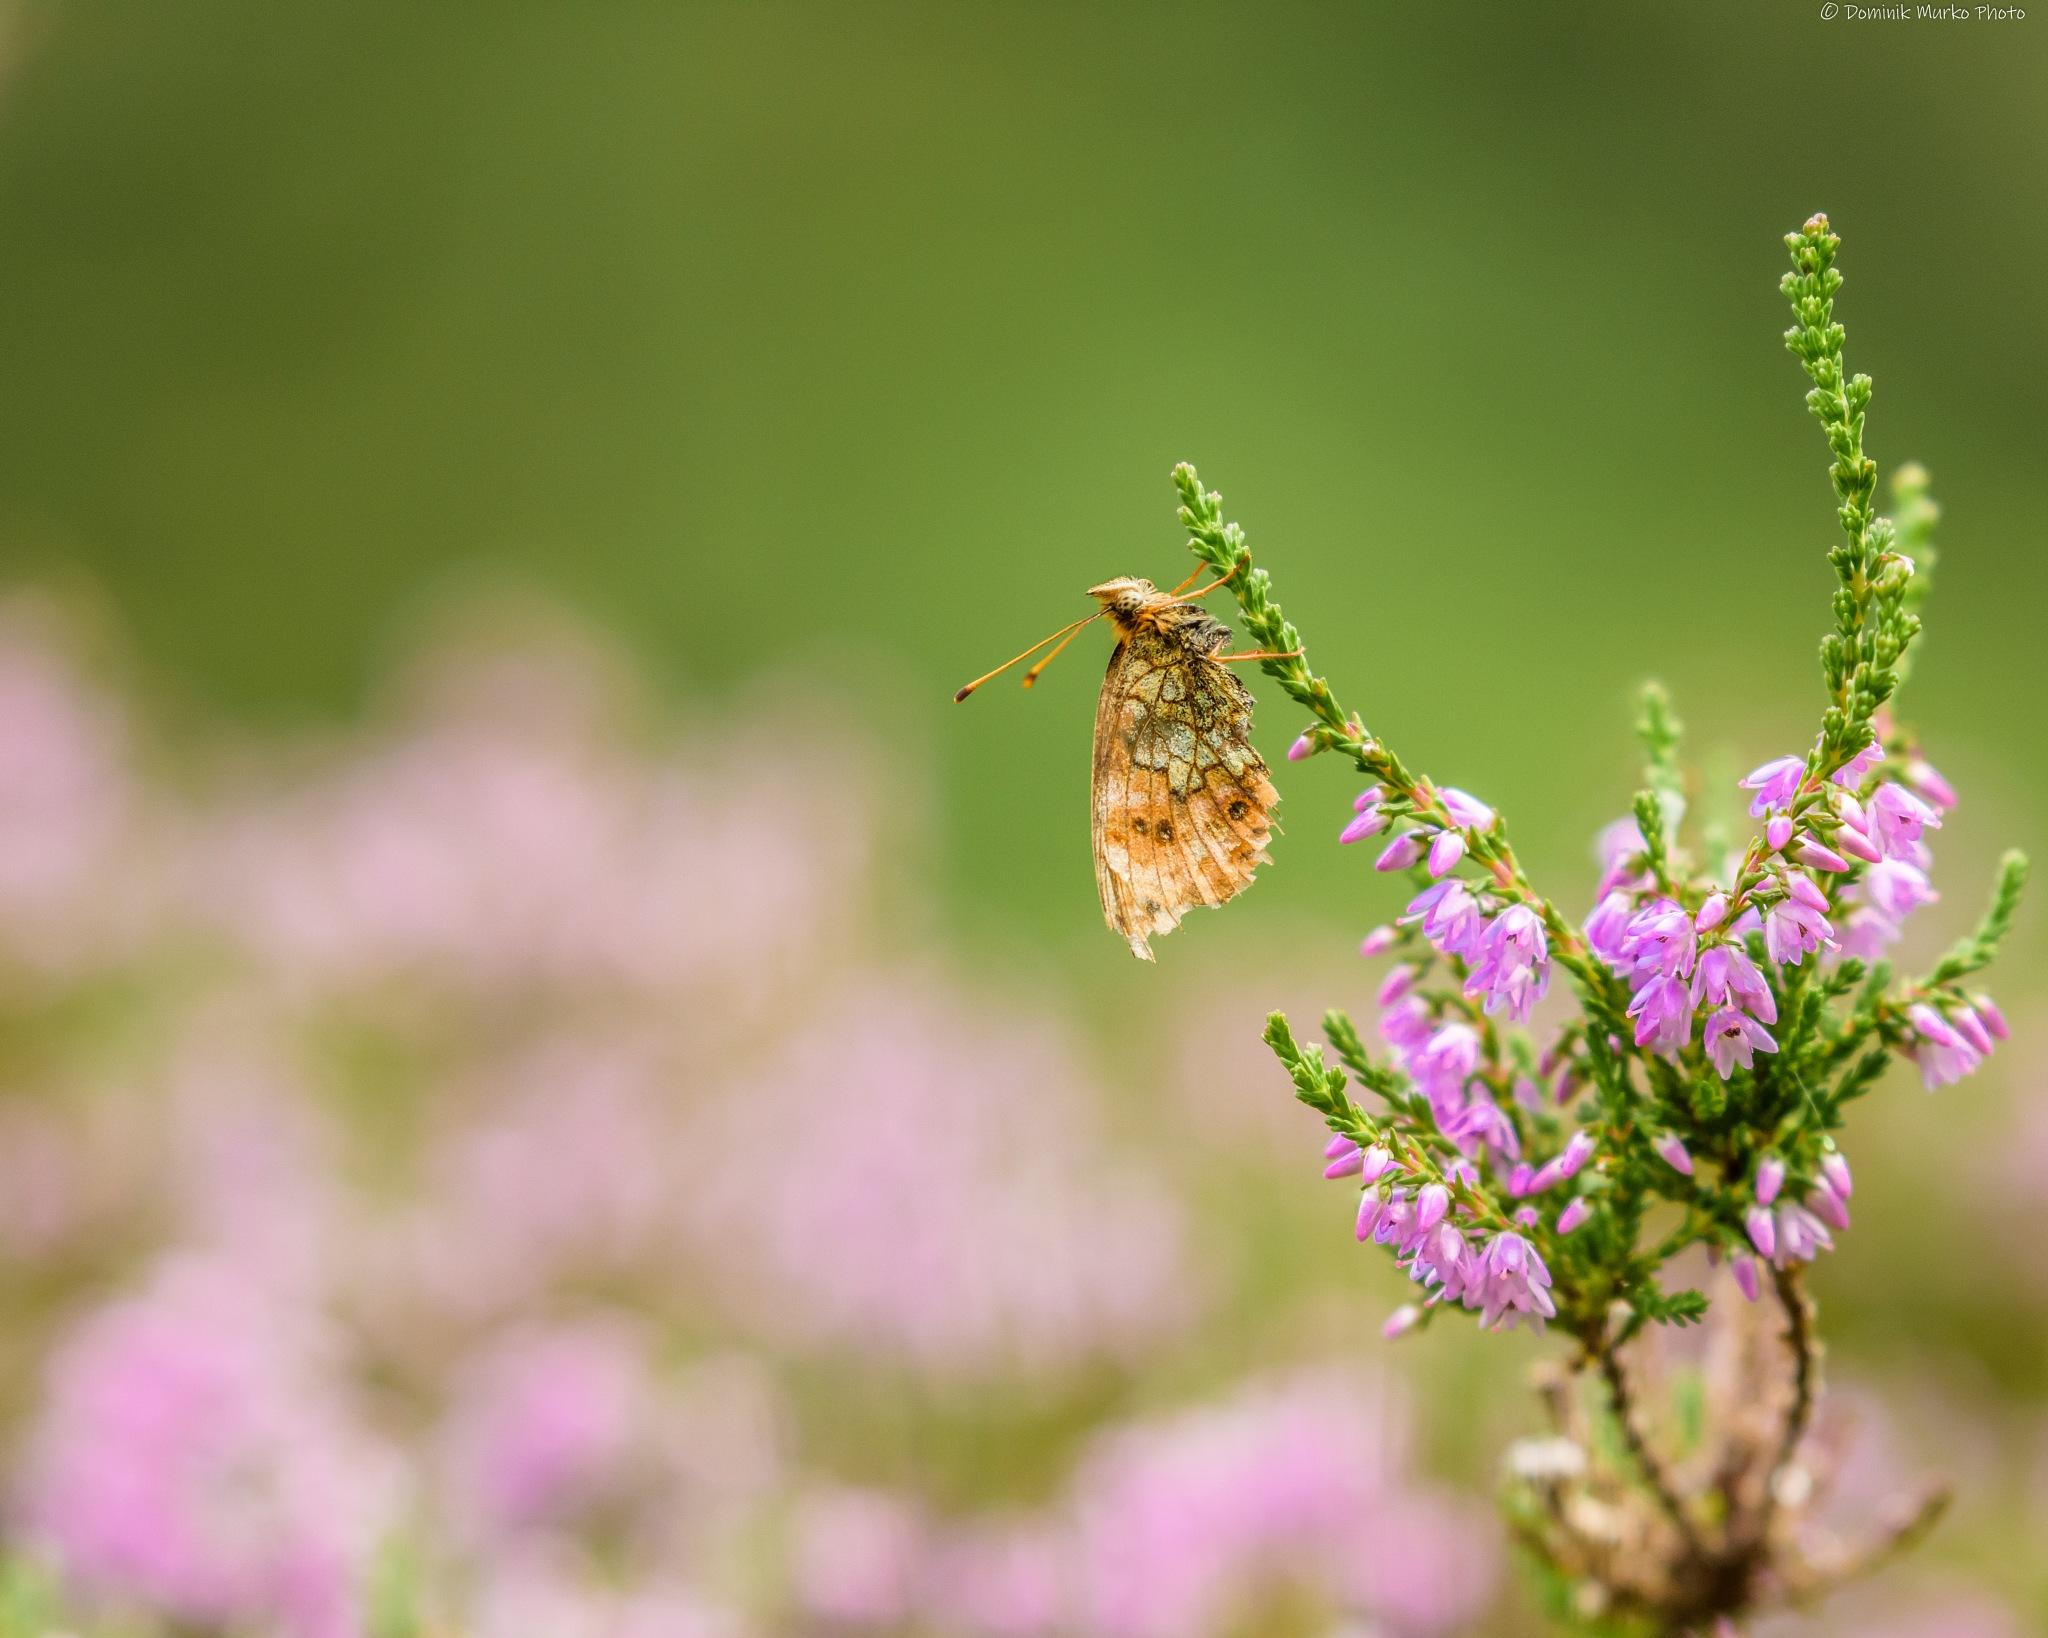 Butterfly by Dominik Murko